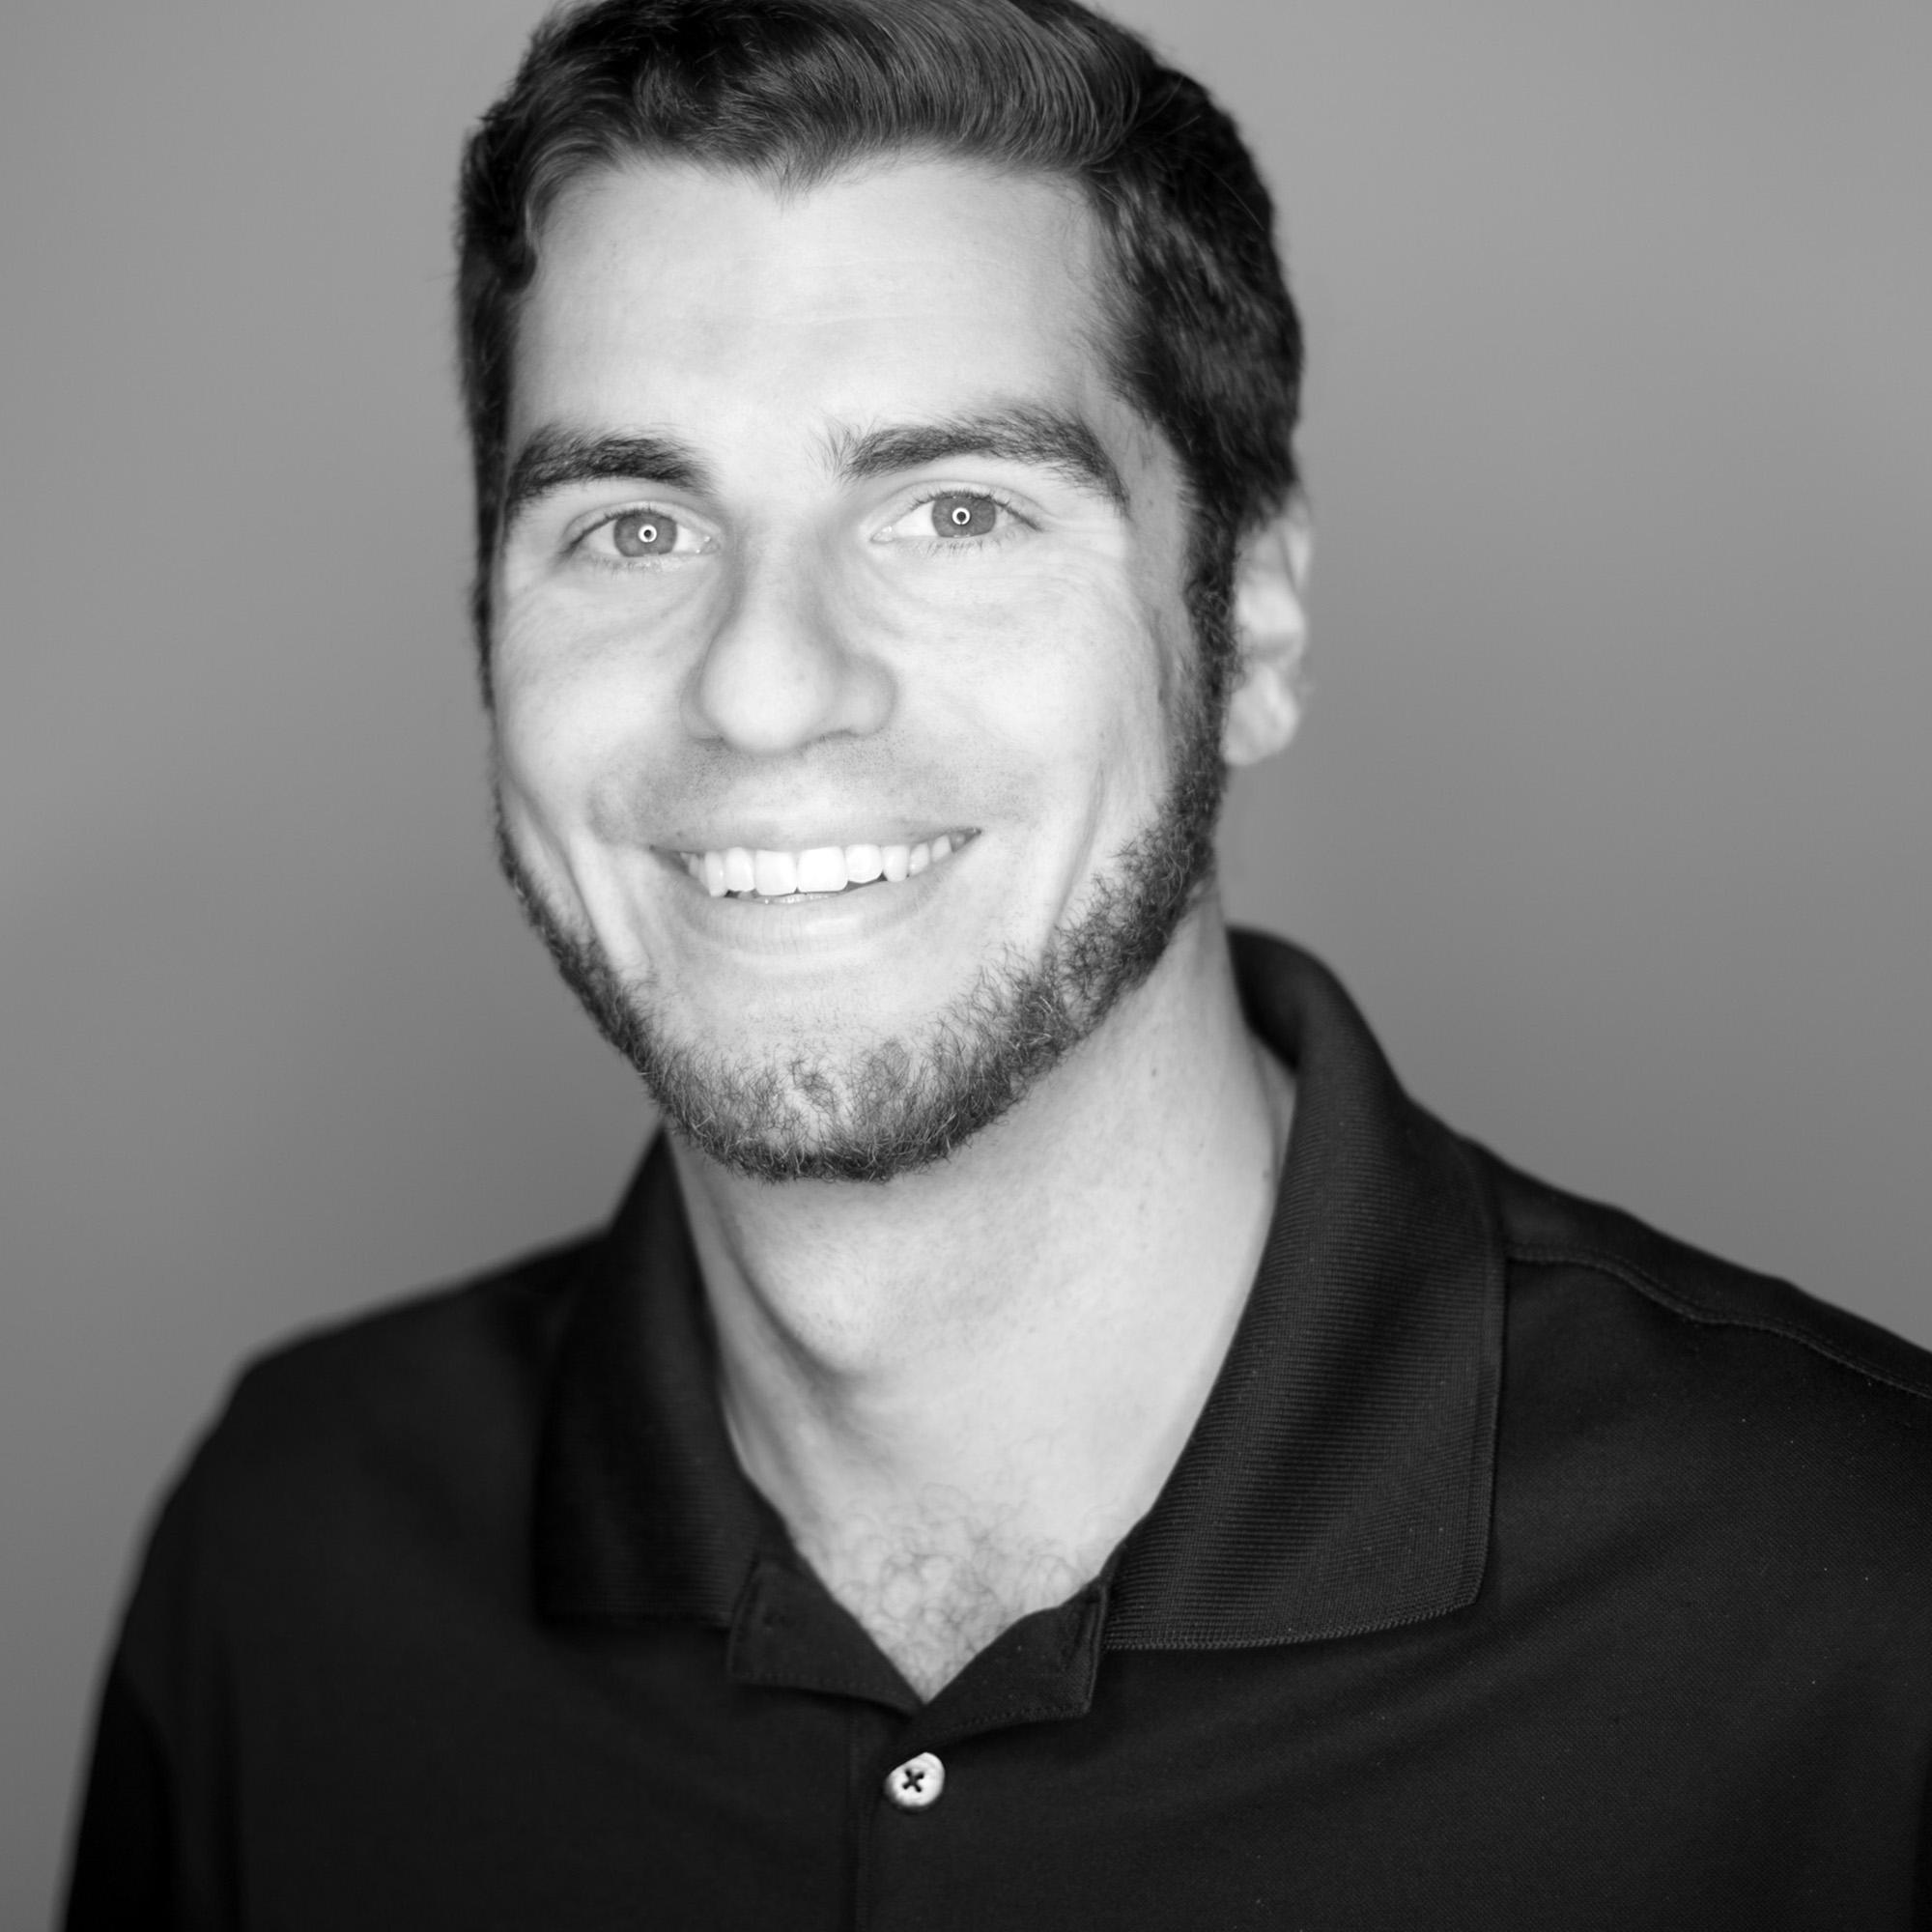 JOEL FAUBERT - Producer